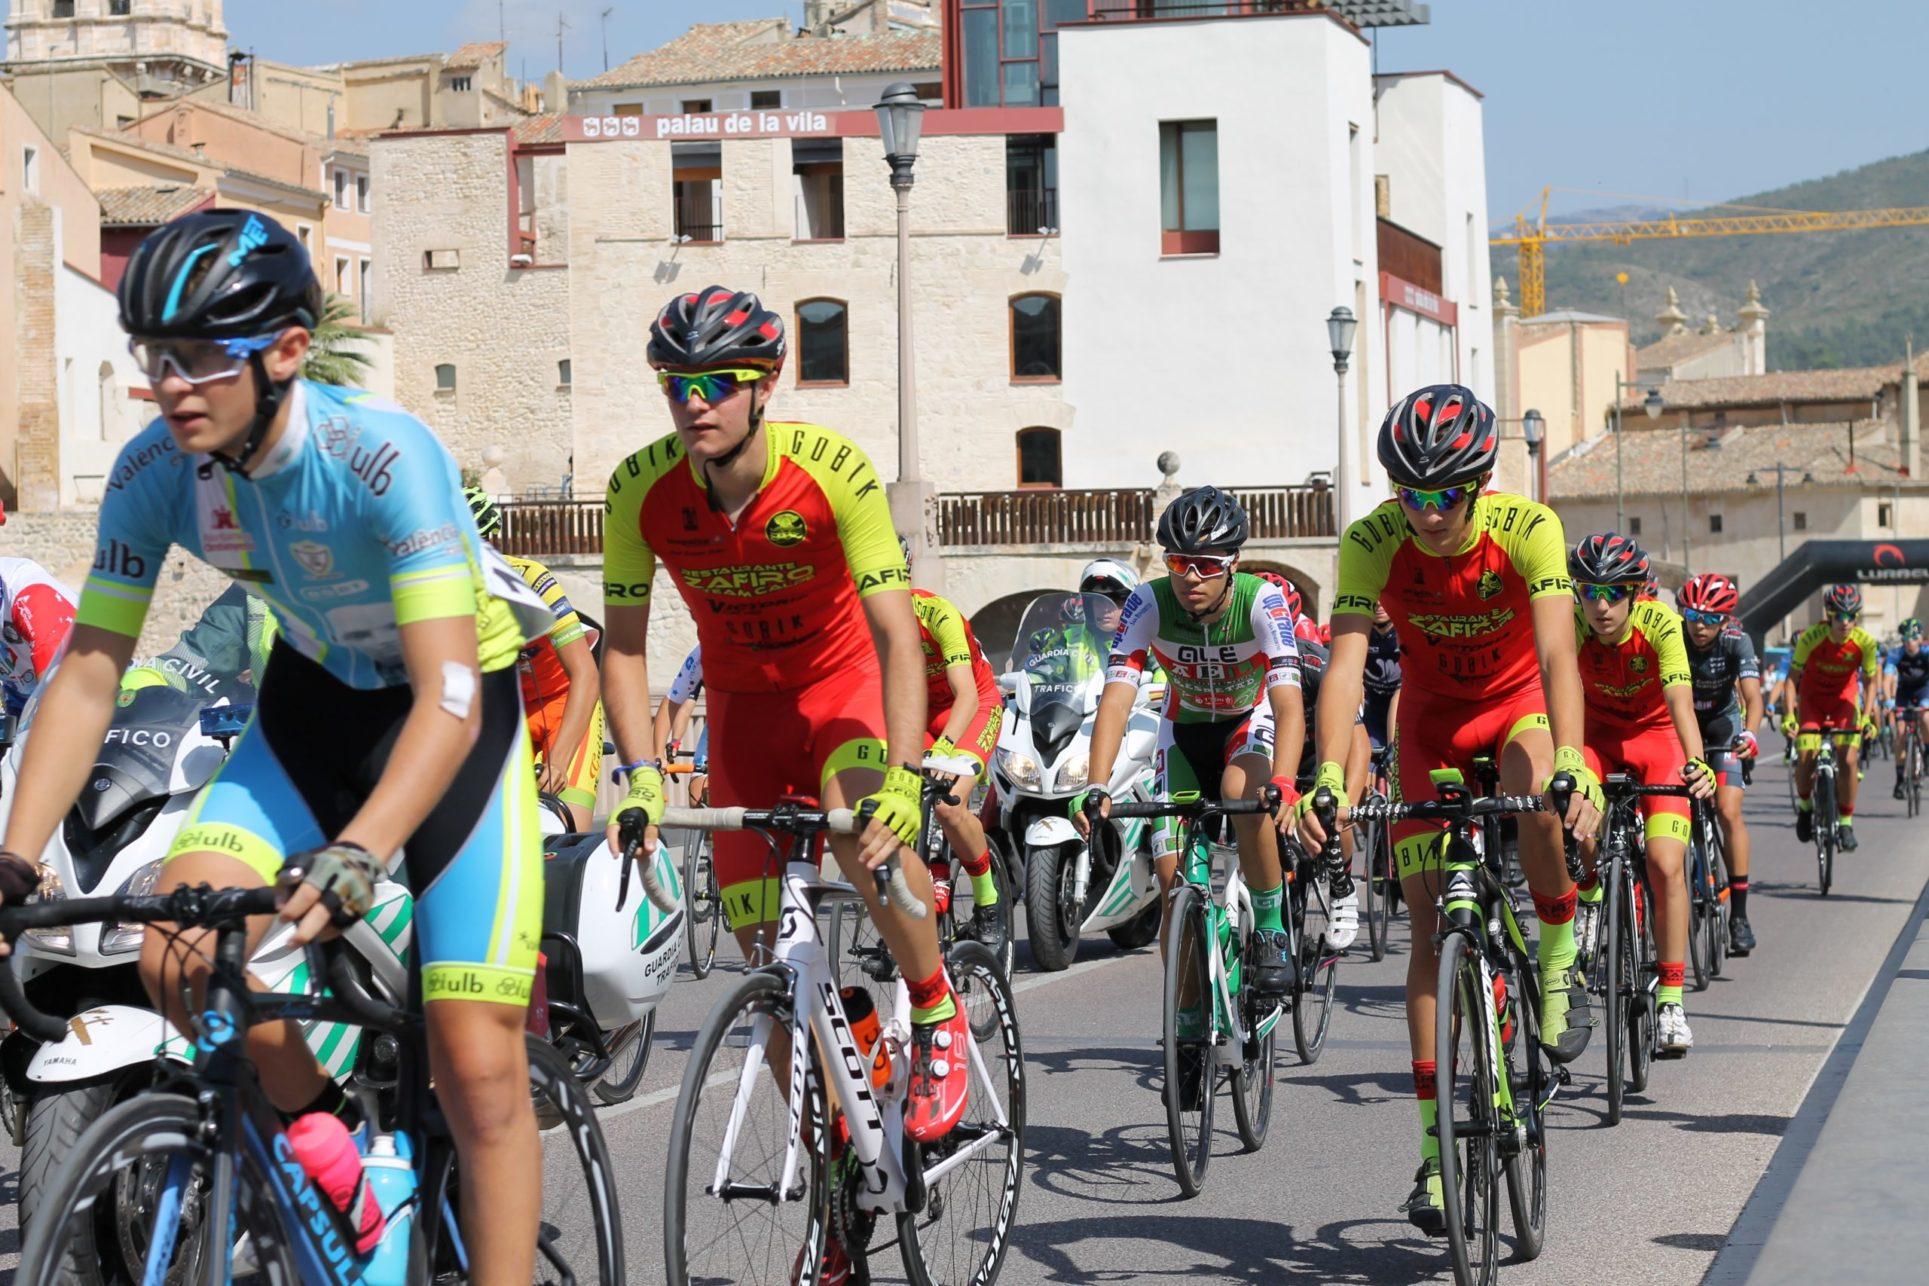 Vesprada ciclista a la ciutat d'Ontinyent El Periòdic d'Ontinyent